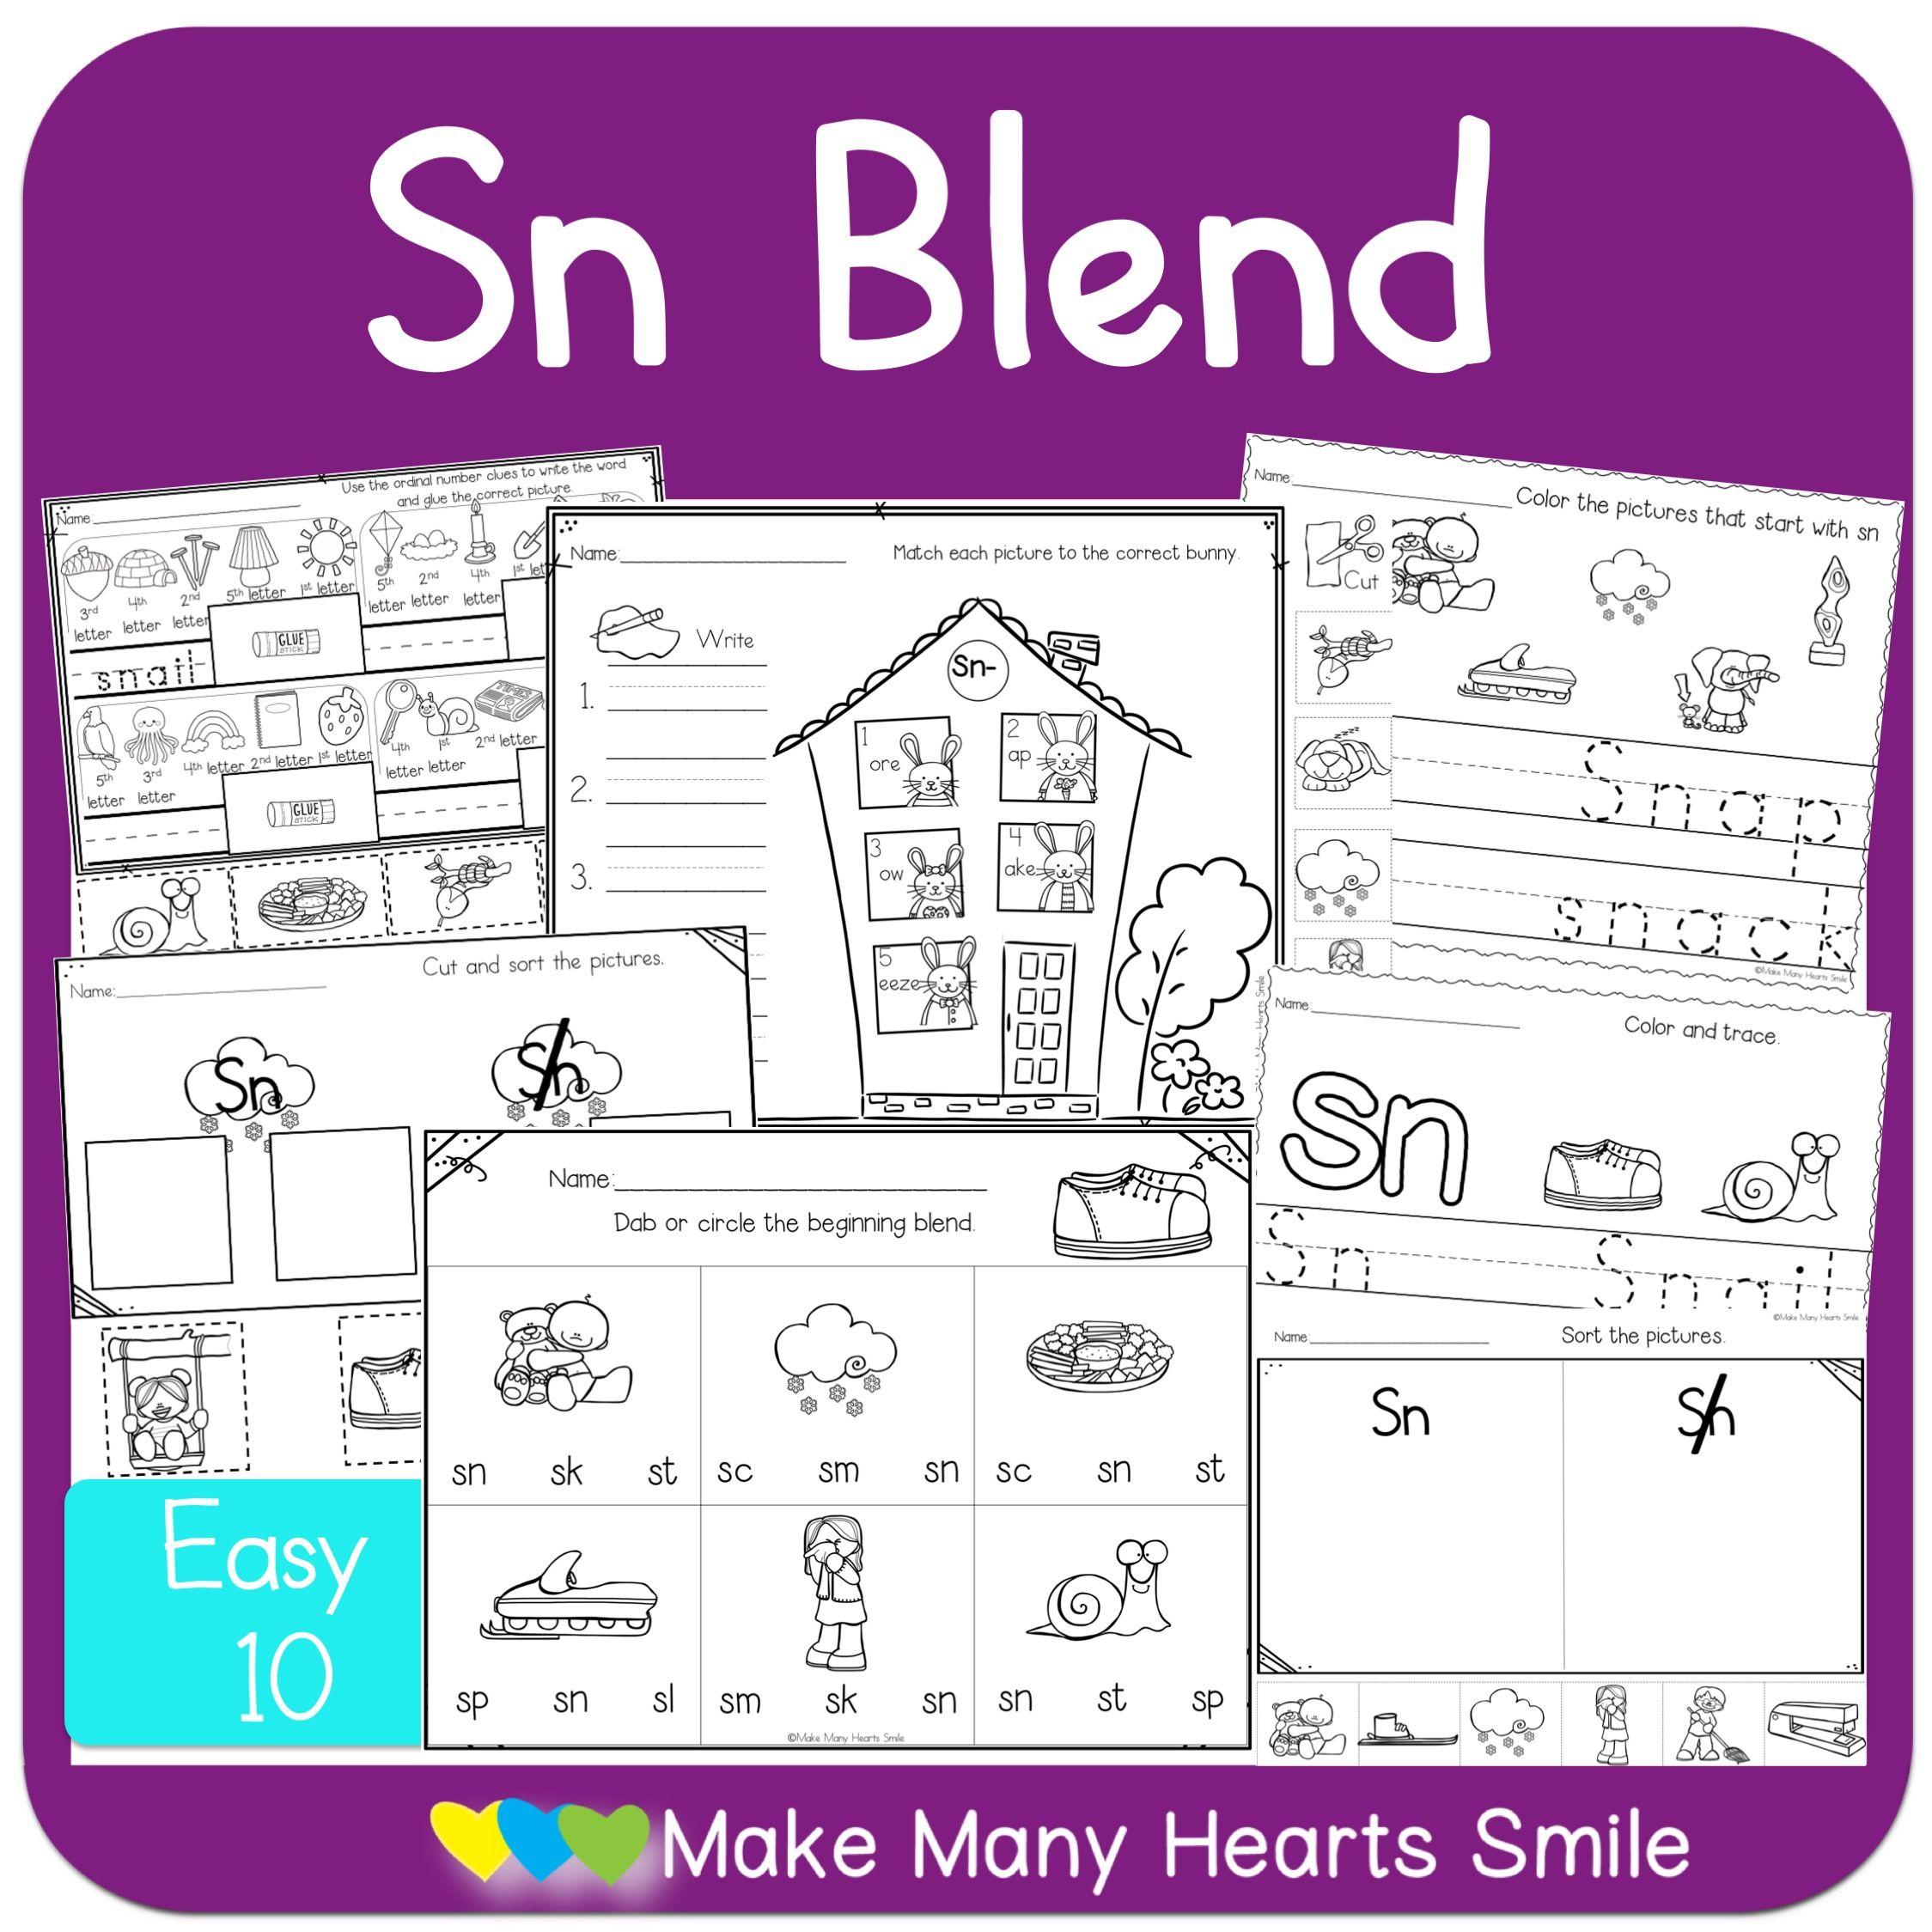 Sn Blend Fun Worksheets